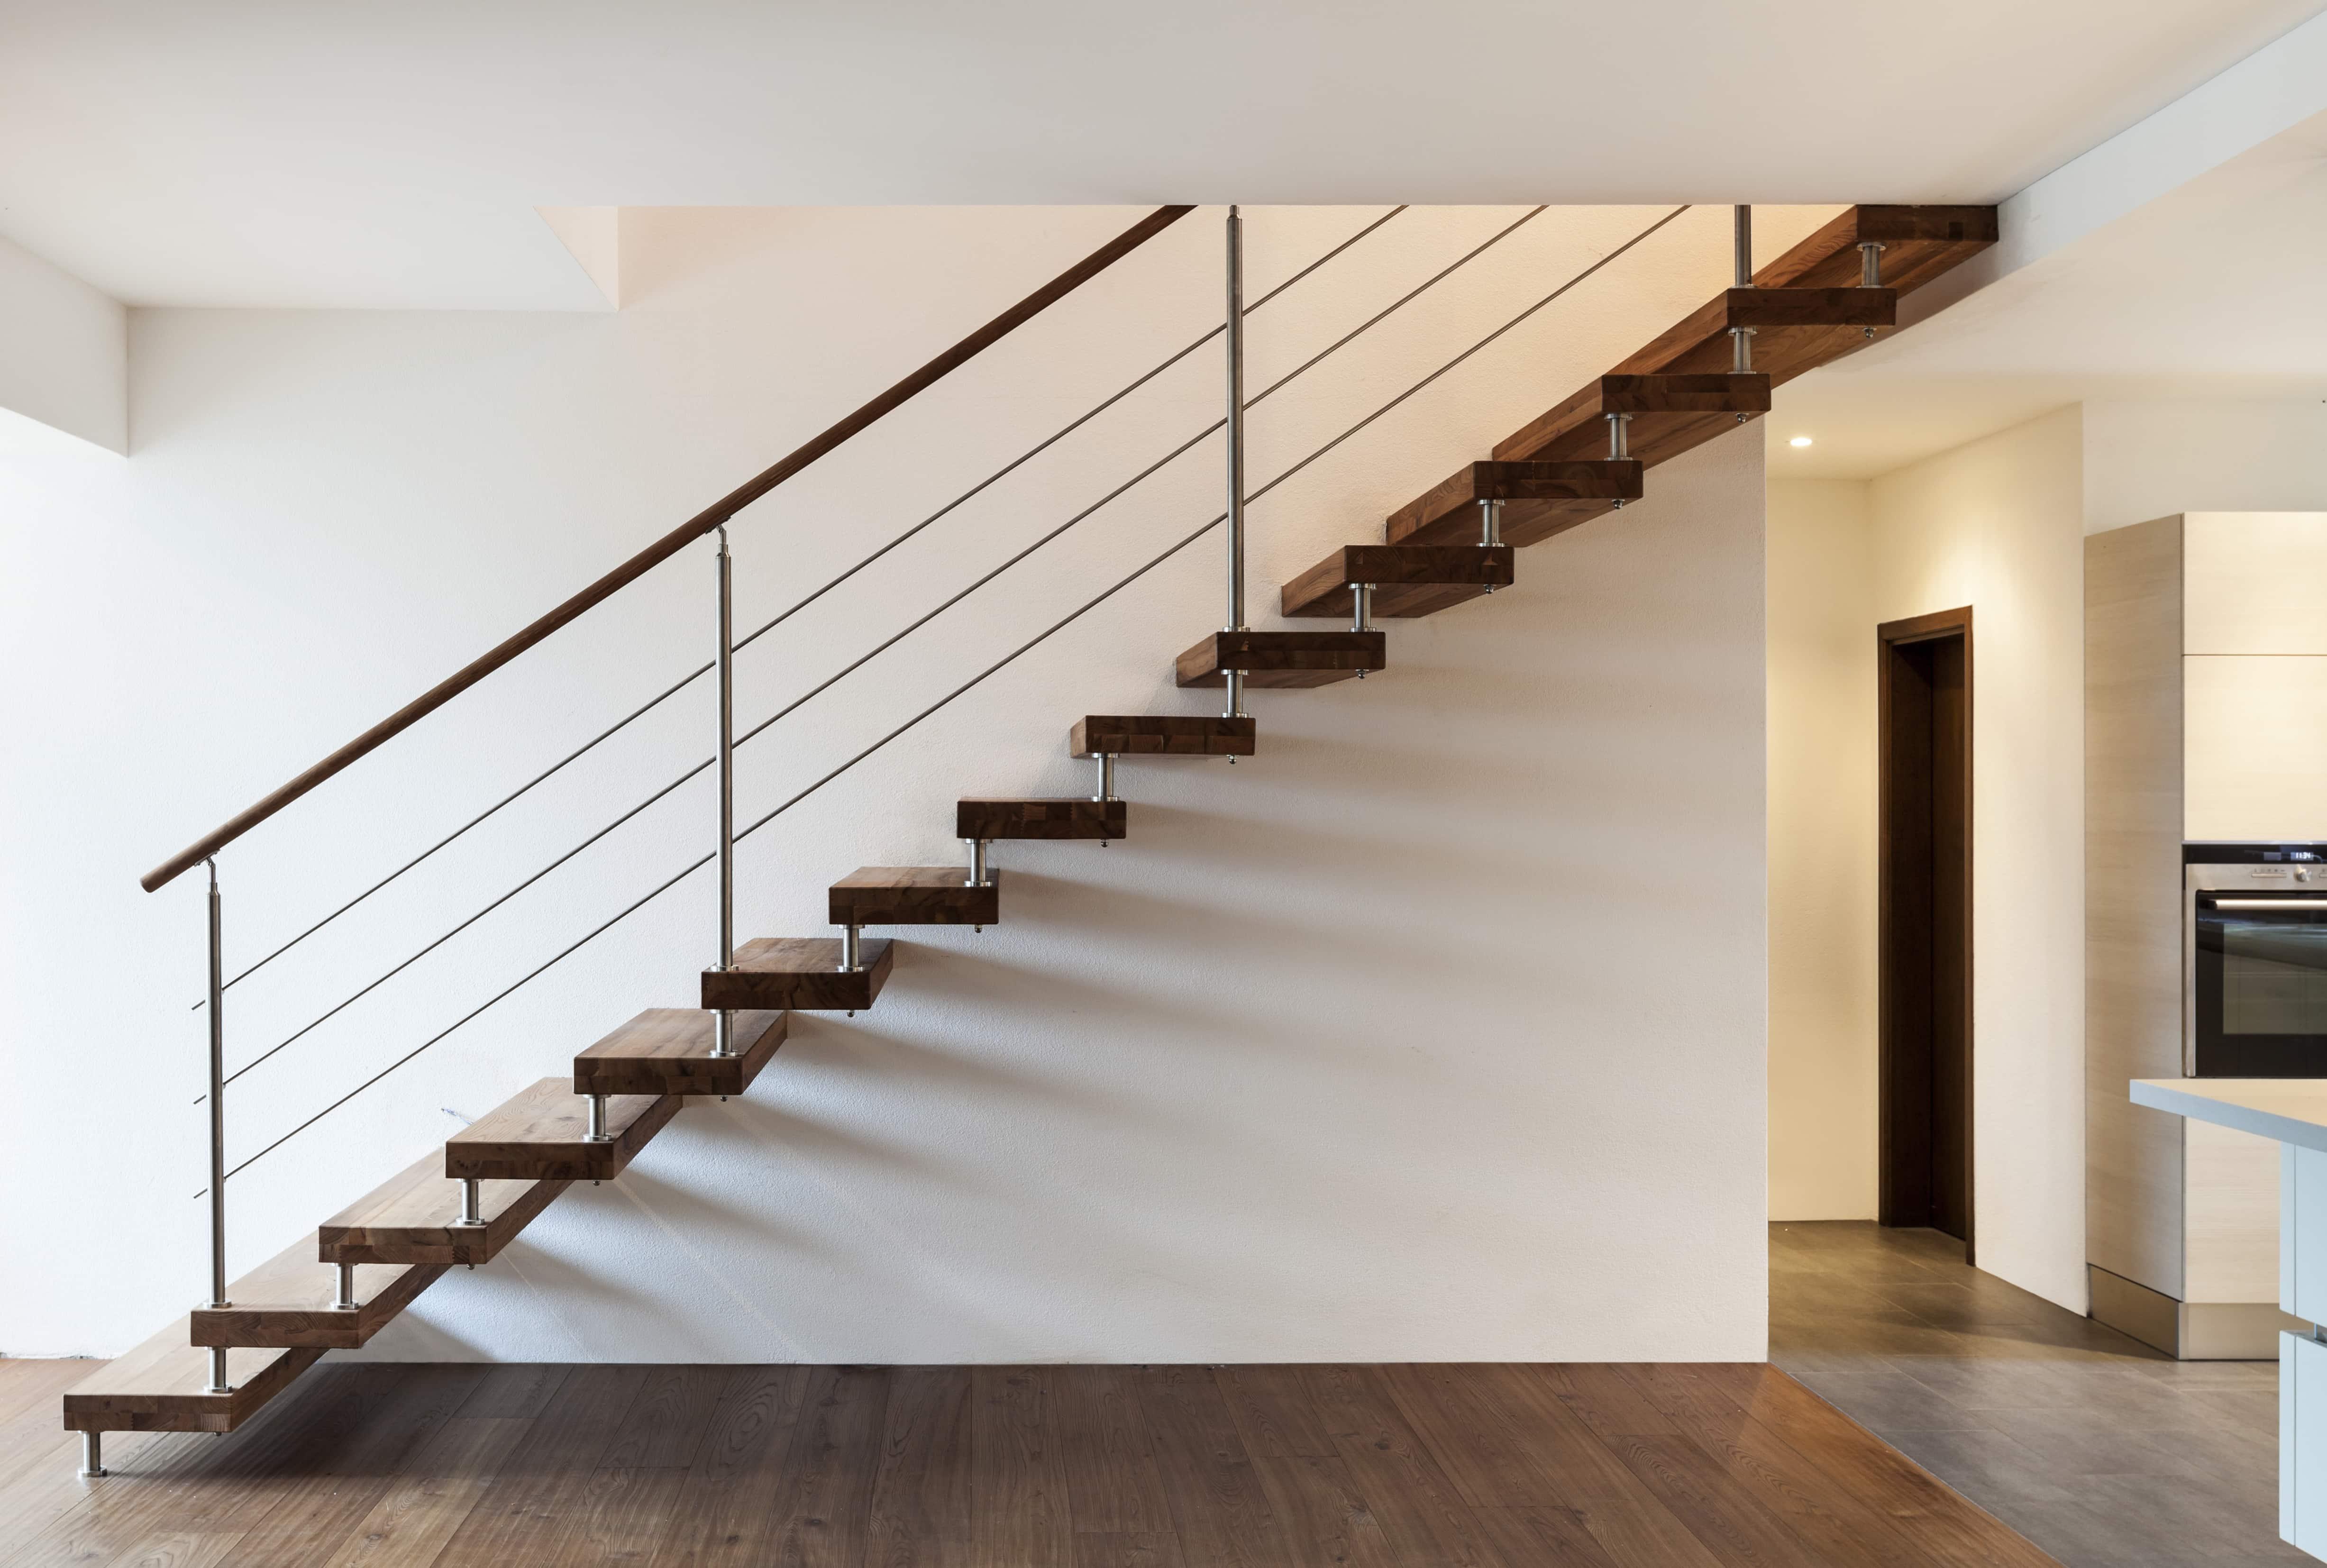 Escalier Marches Suspendues Mur buldi - maison neuve : comment bien choisir son escalier ?